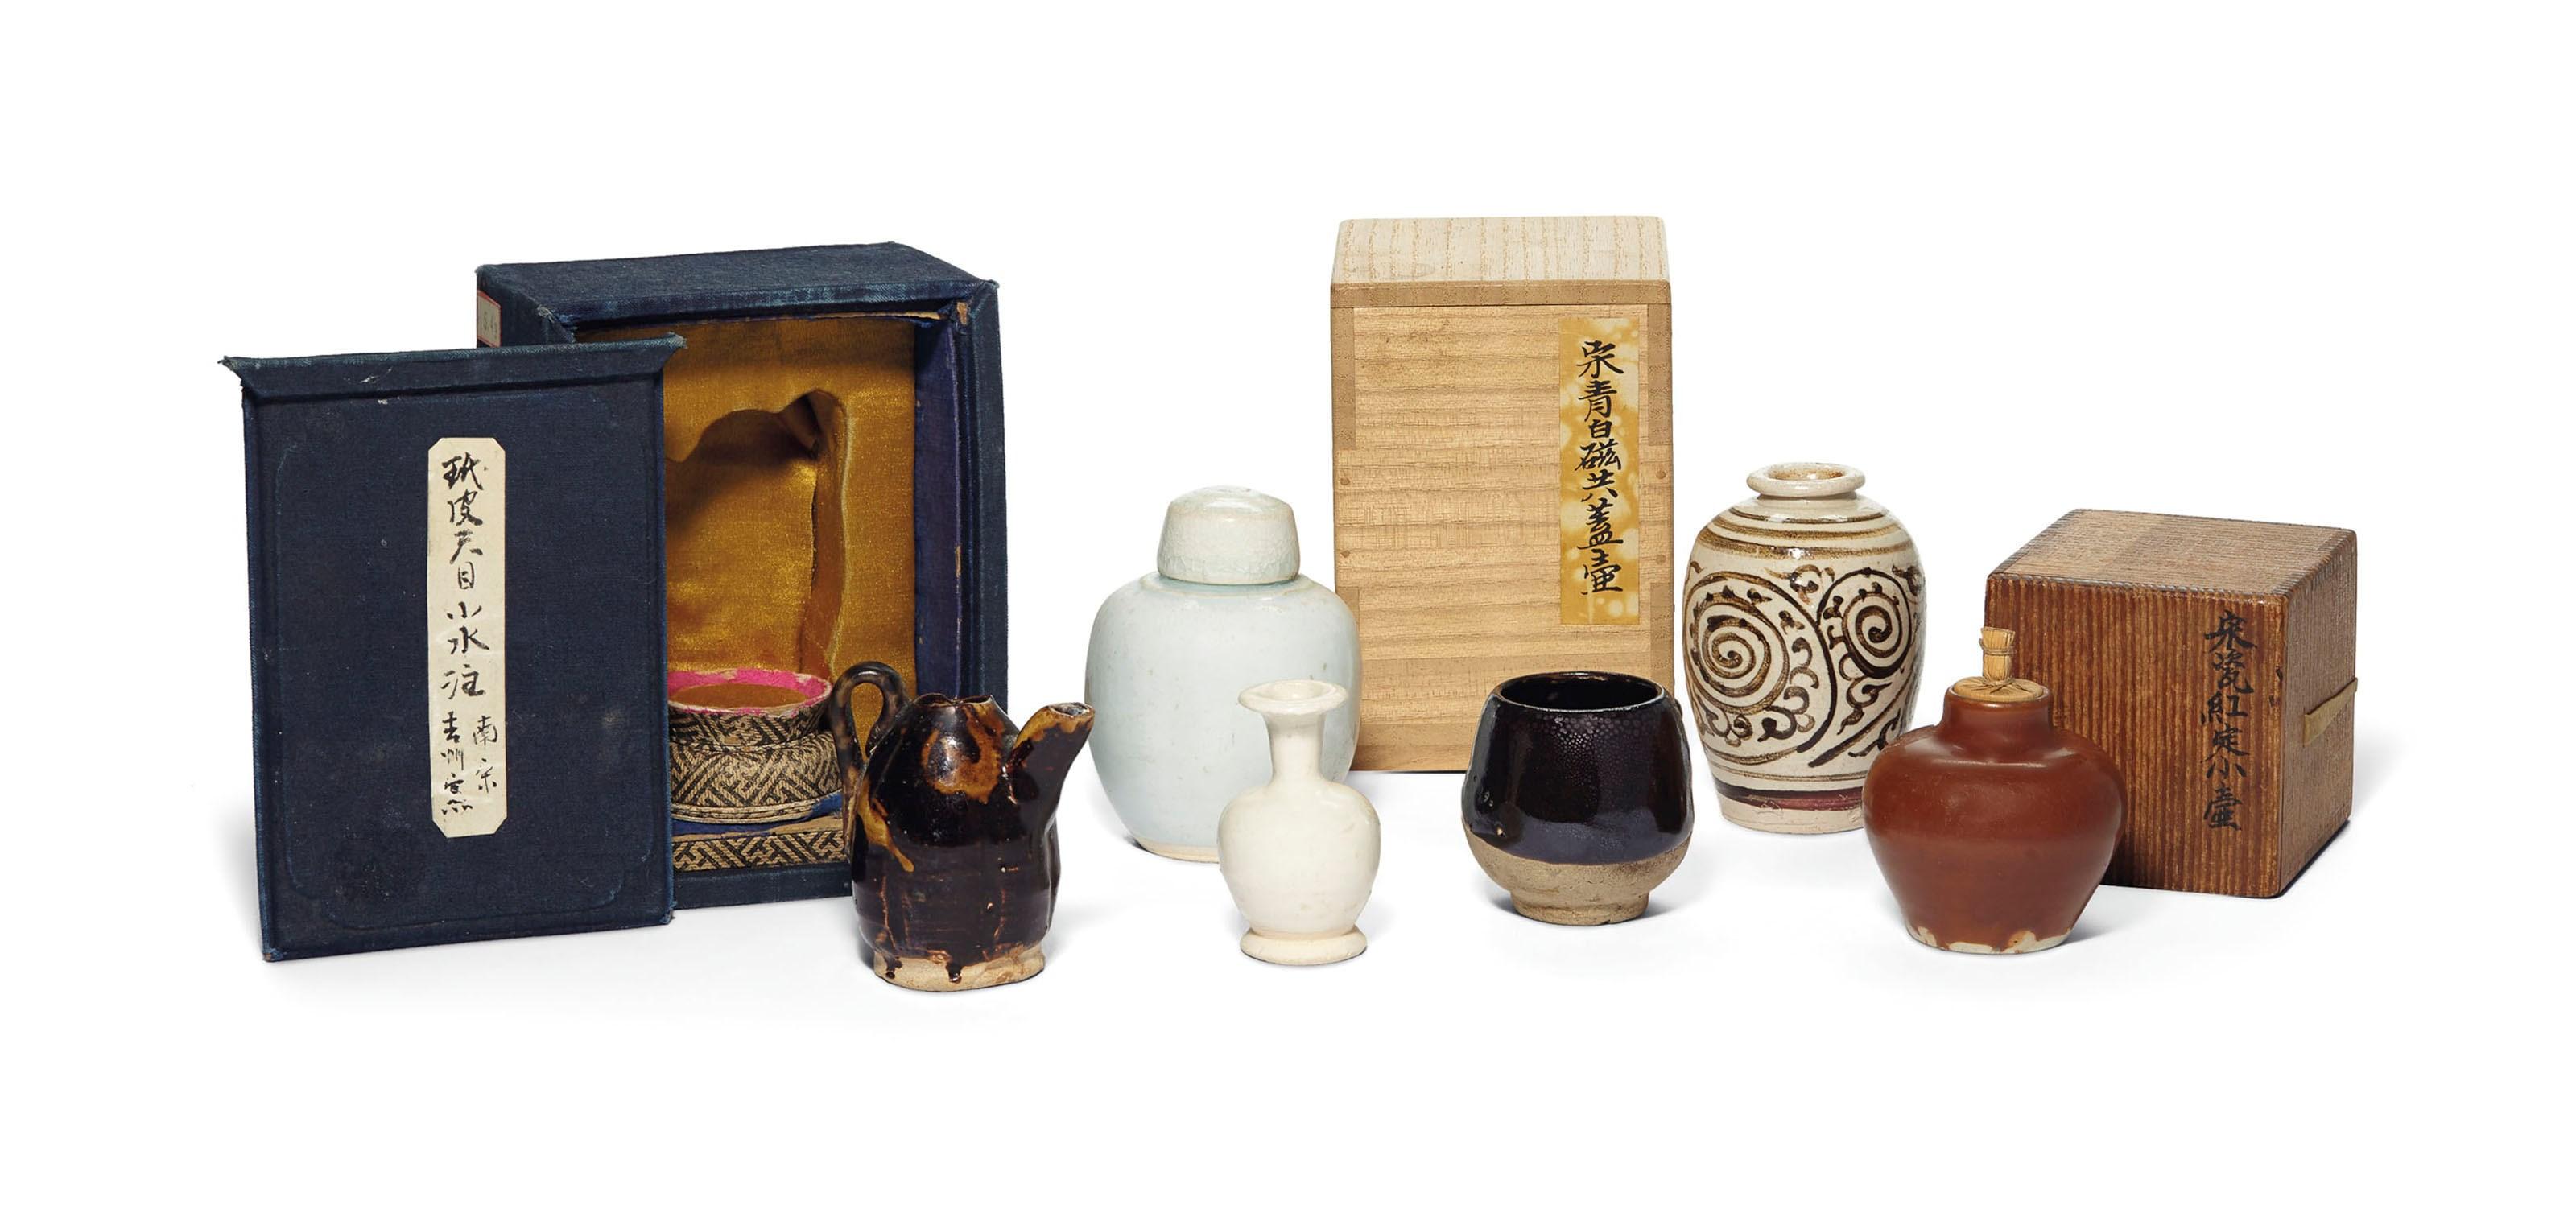 宋元 各窑口小罐、小壶、小瓶 一组六件,最高一件高3⅛ 吋(8公分)。2019年3月22日于佳士得纽约售出,成交价7,500美元